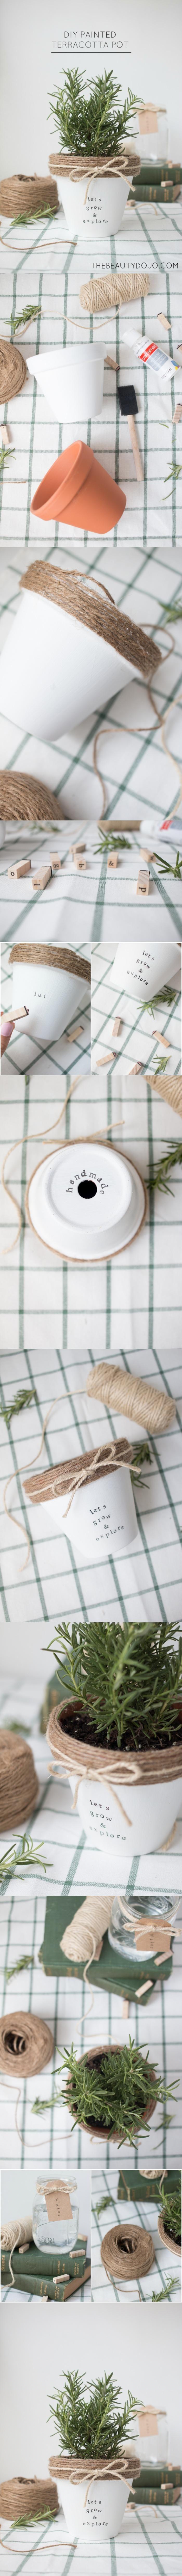 Macetas decoradas con cuerda - thebeatydojo.com - DIY Painted Terracota Por